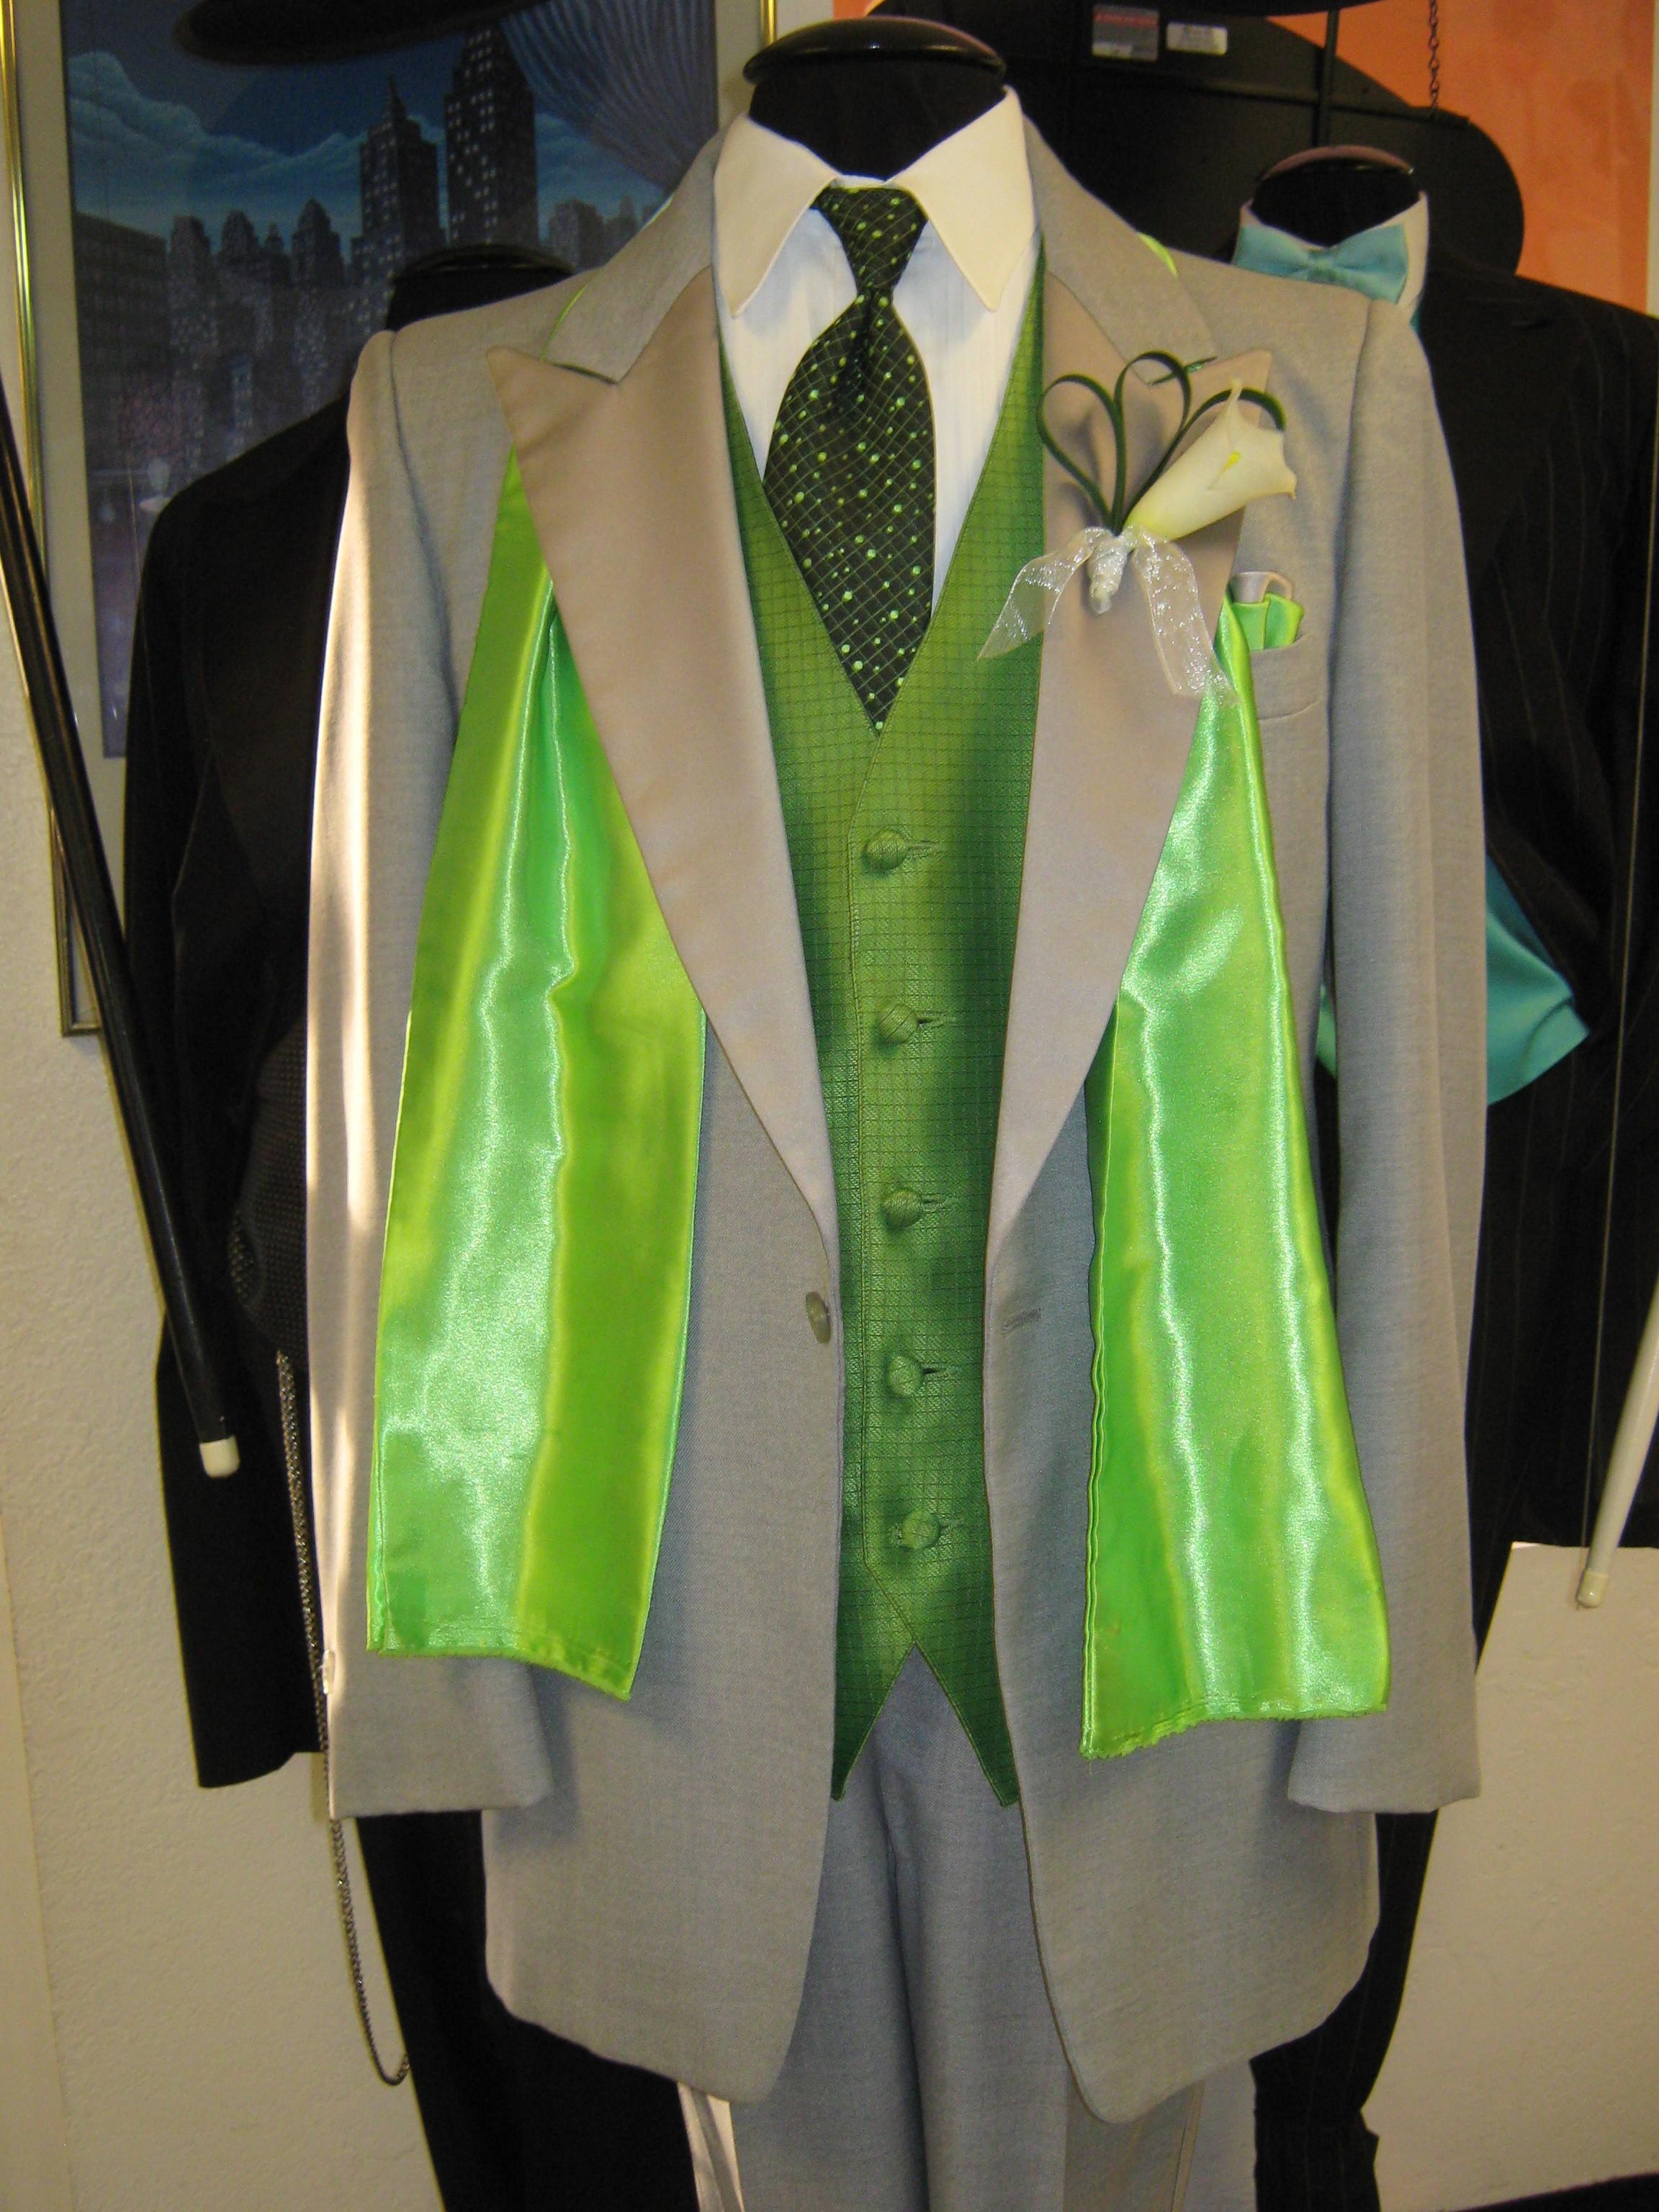 last chance for prom tuxedos rose tuxedo wedding tuxedo